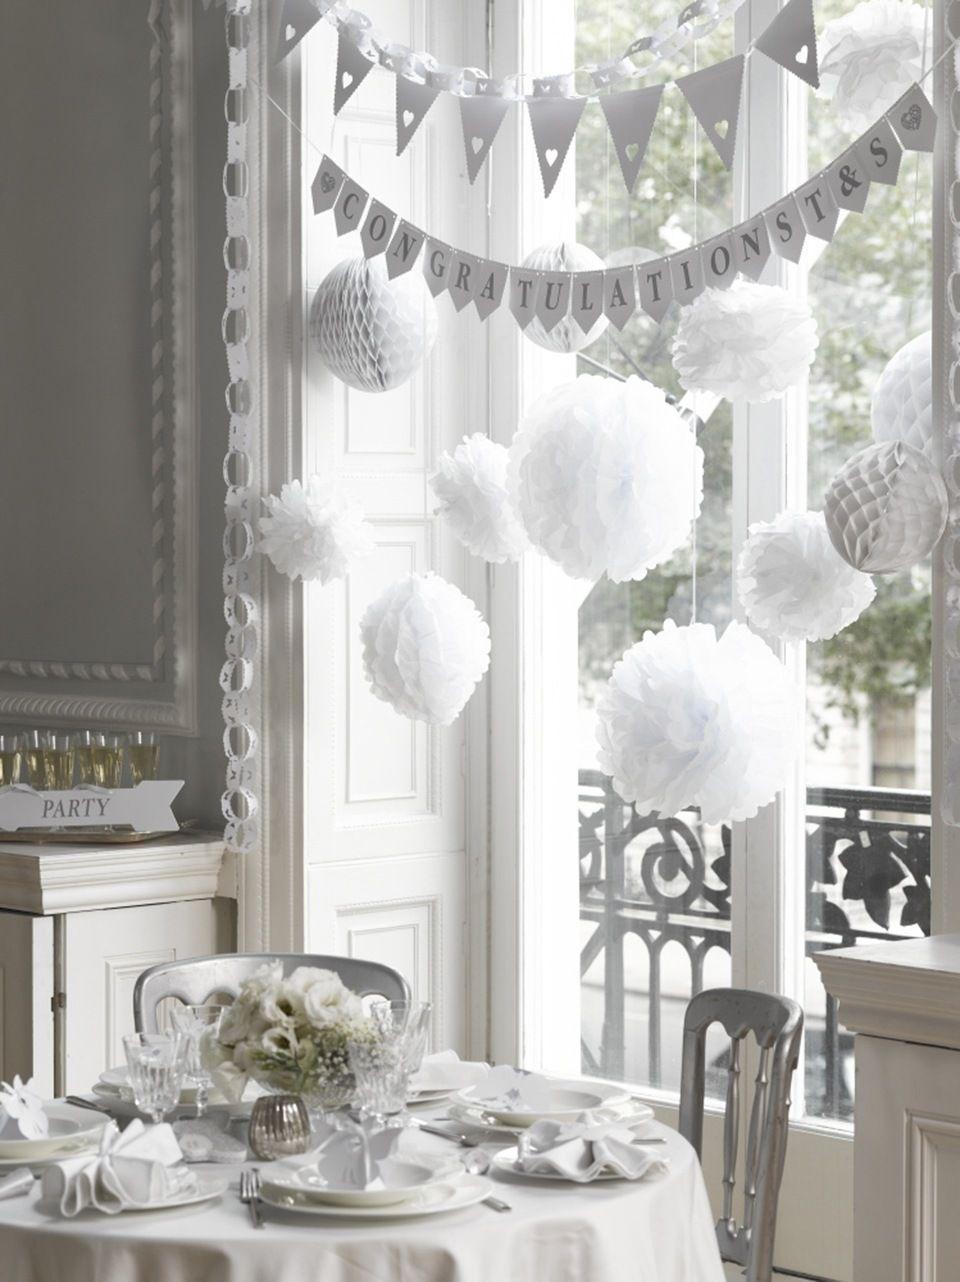 Decoratie Wit Decoratie Decor Bruiloft Wit Decor